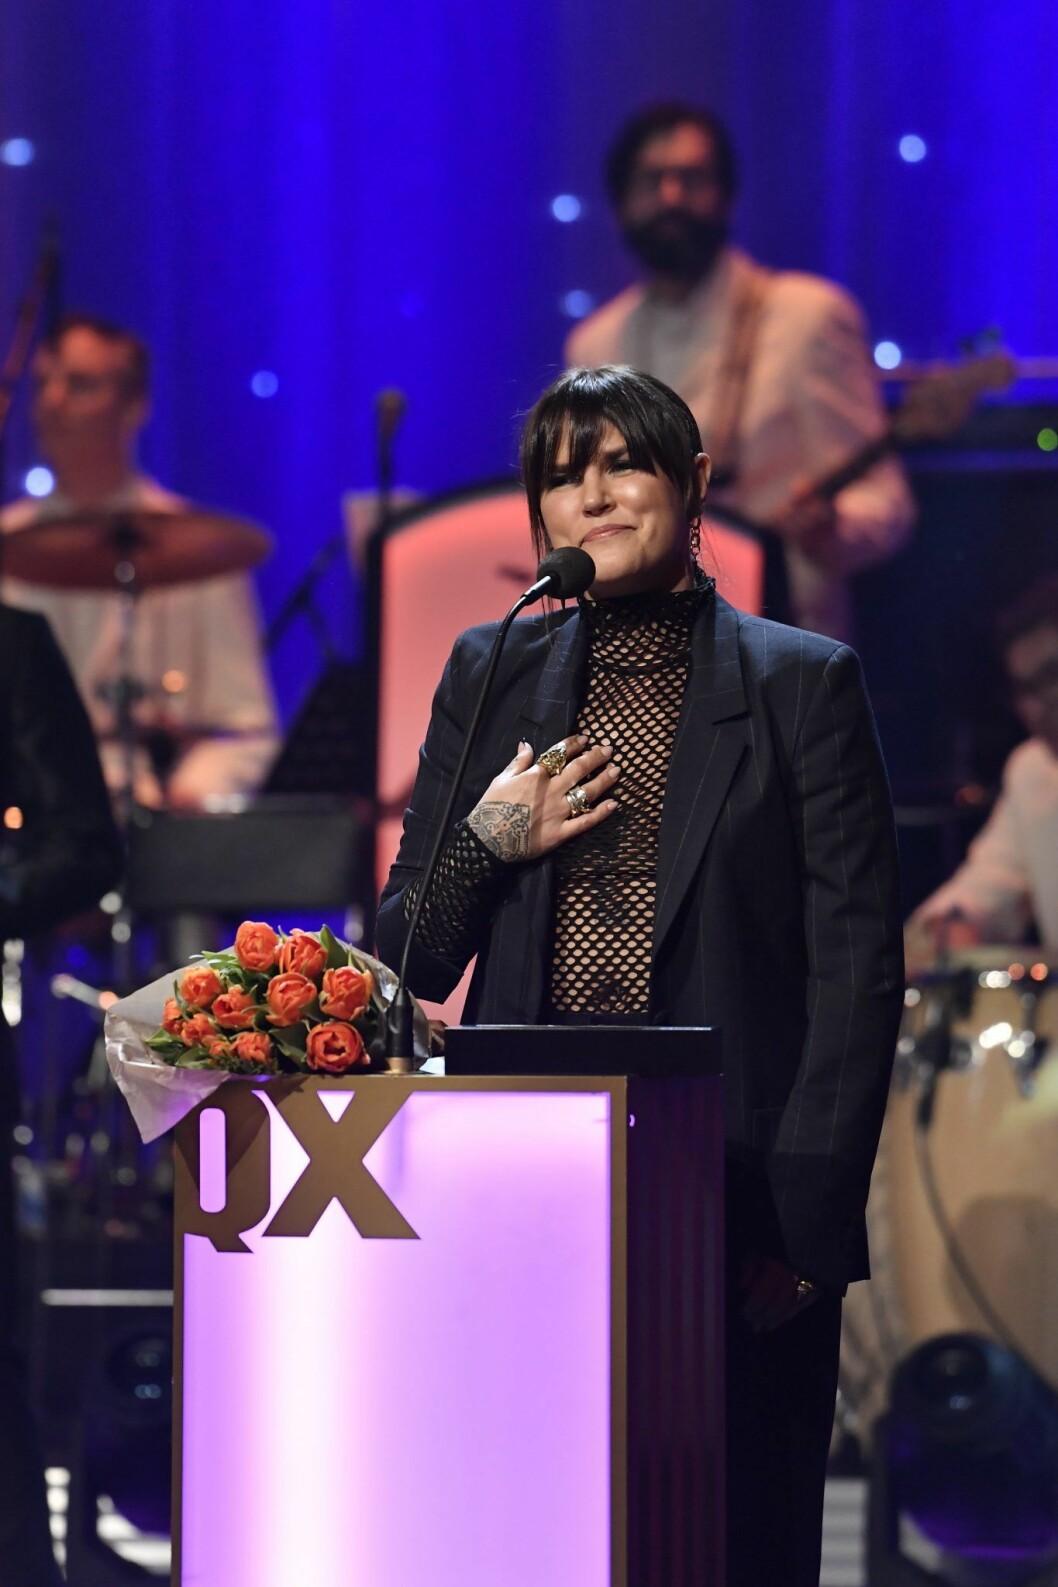 Förra året tog Mia Skäringer emot pris för Årets Scen på QX-galan.